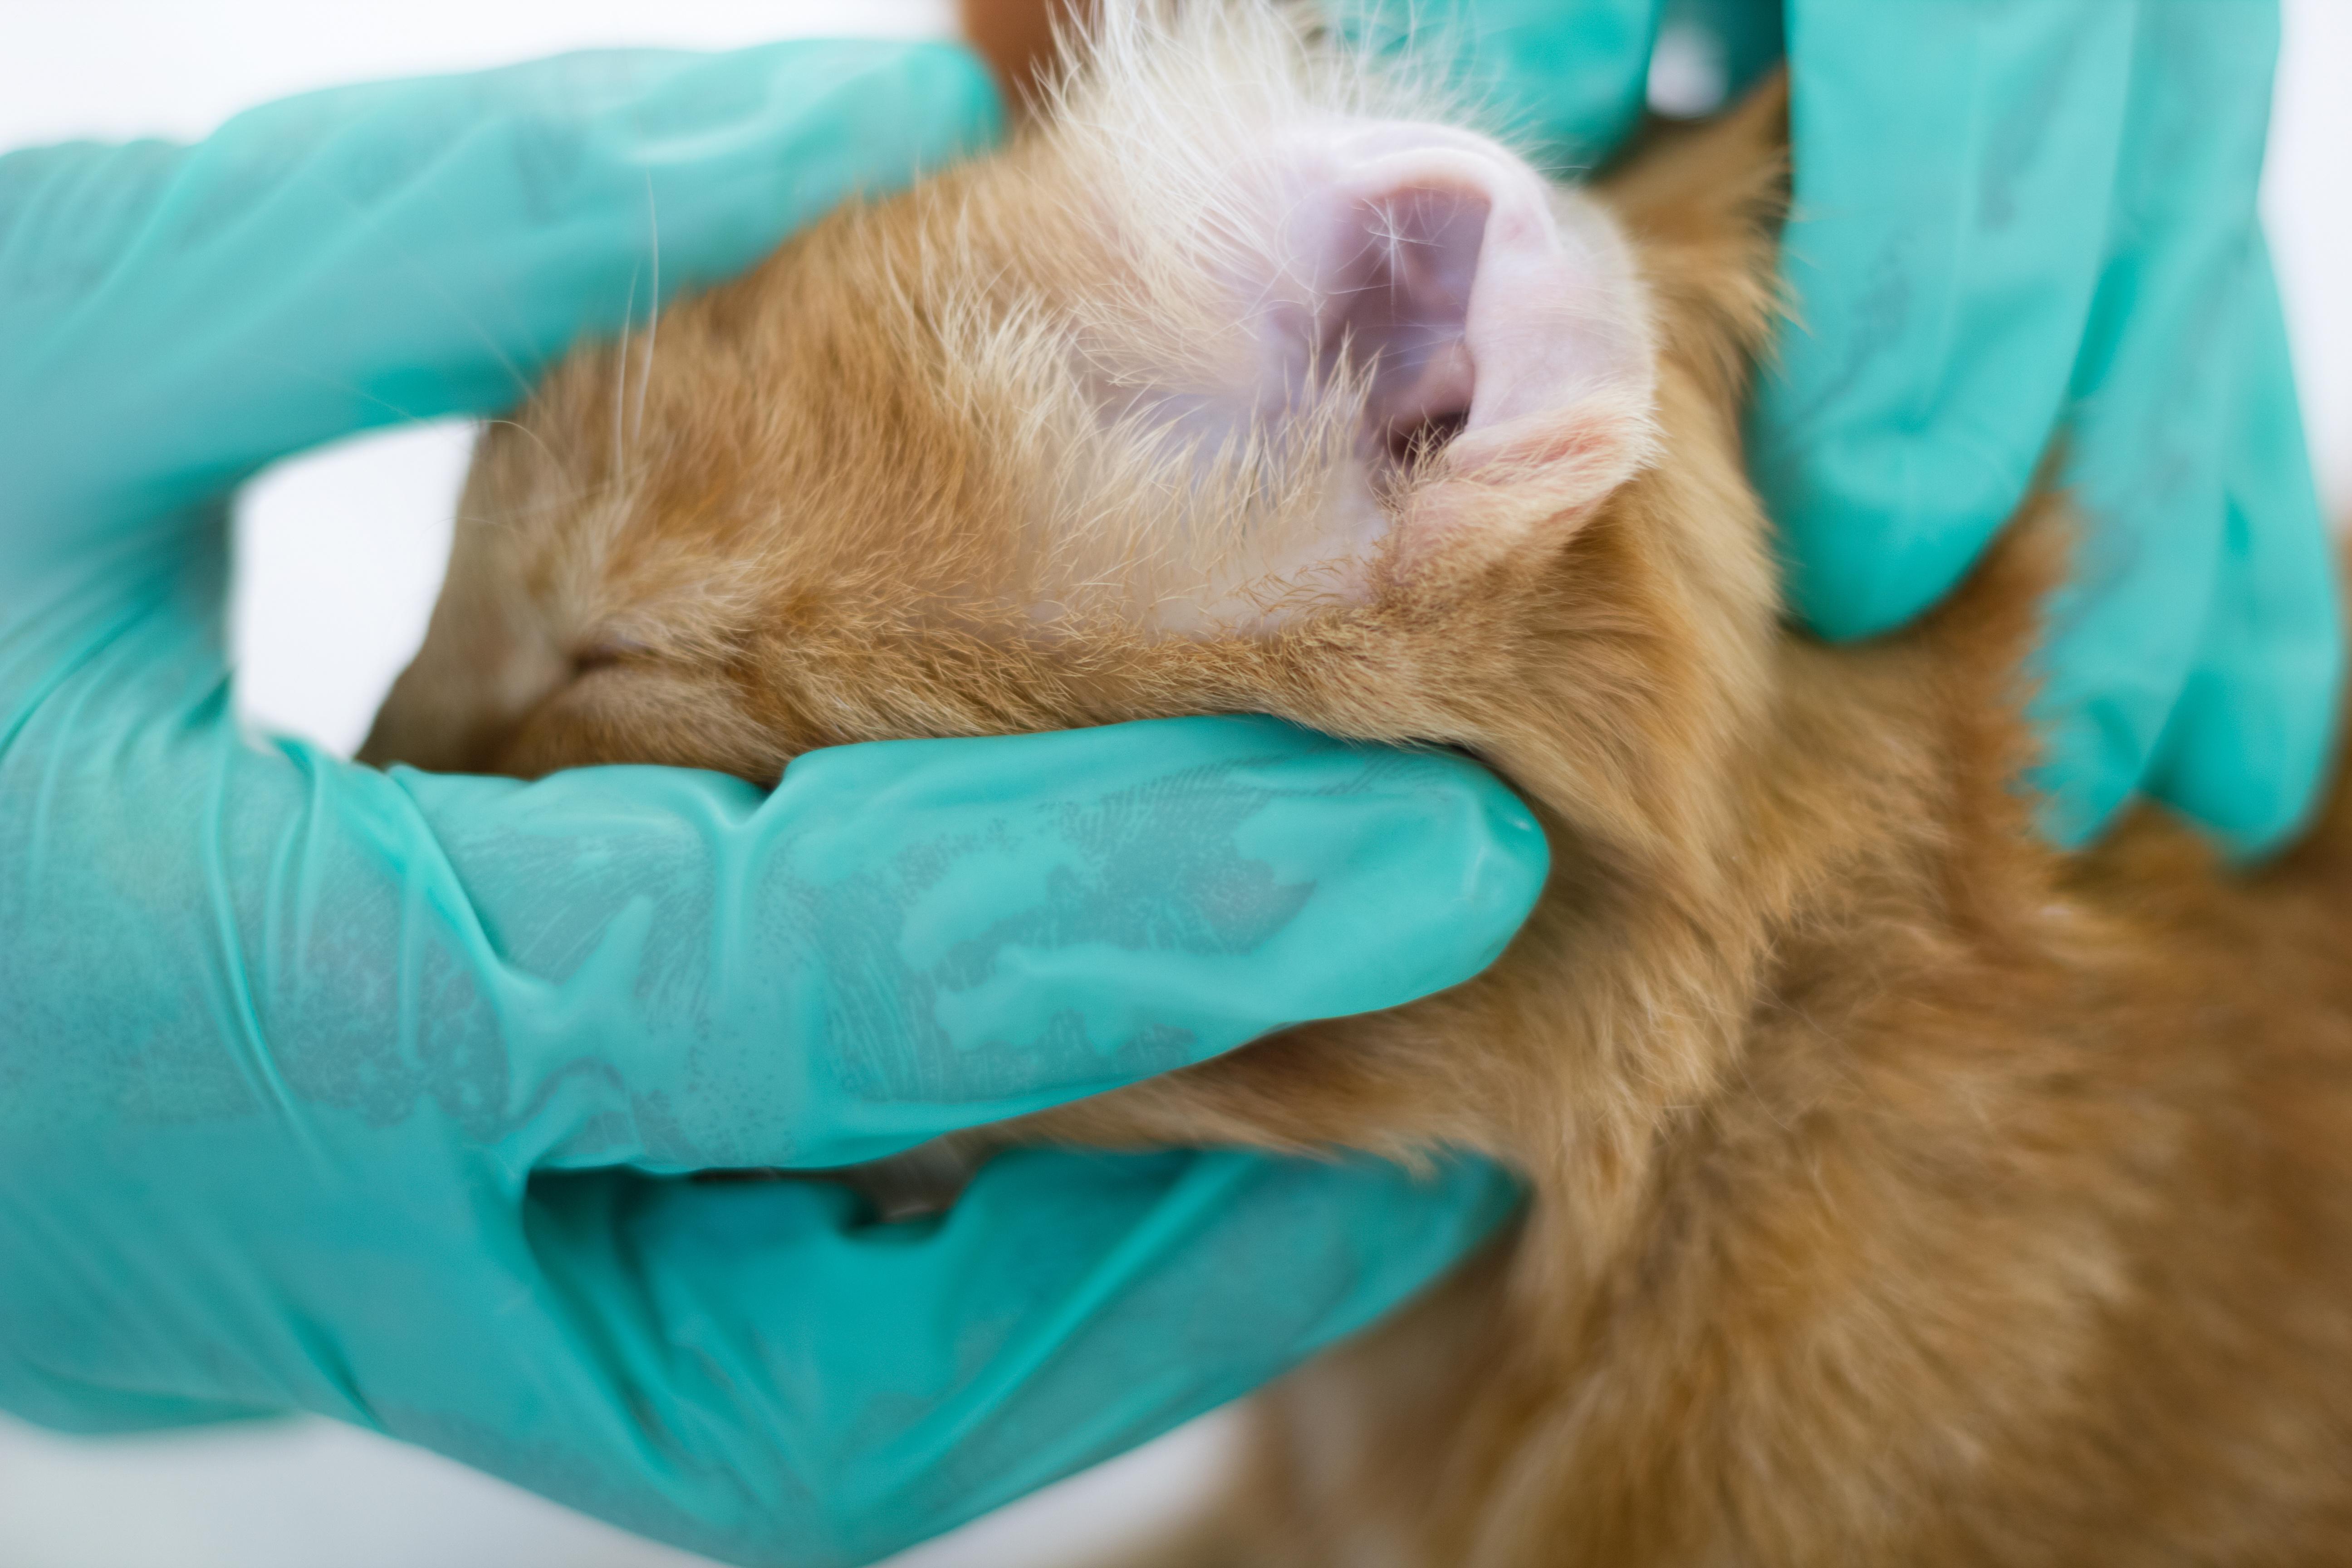 Клещ у кошки: симптомы и лечение. Как вытащить клеща у кошки 34